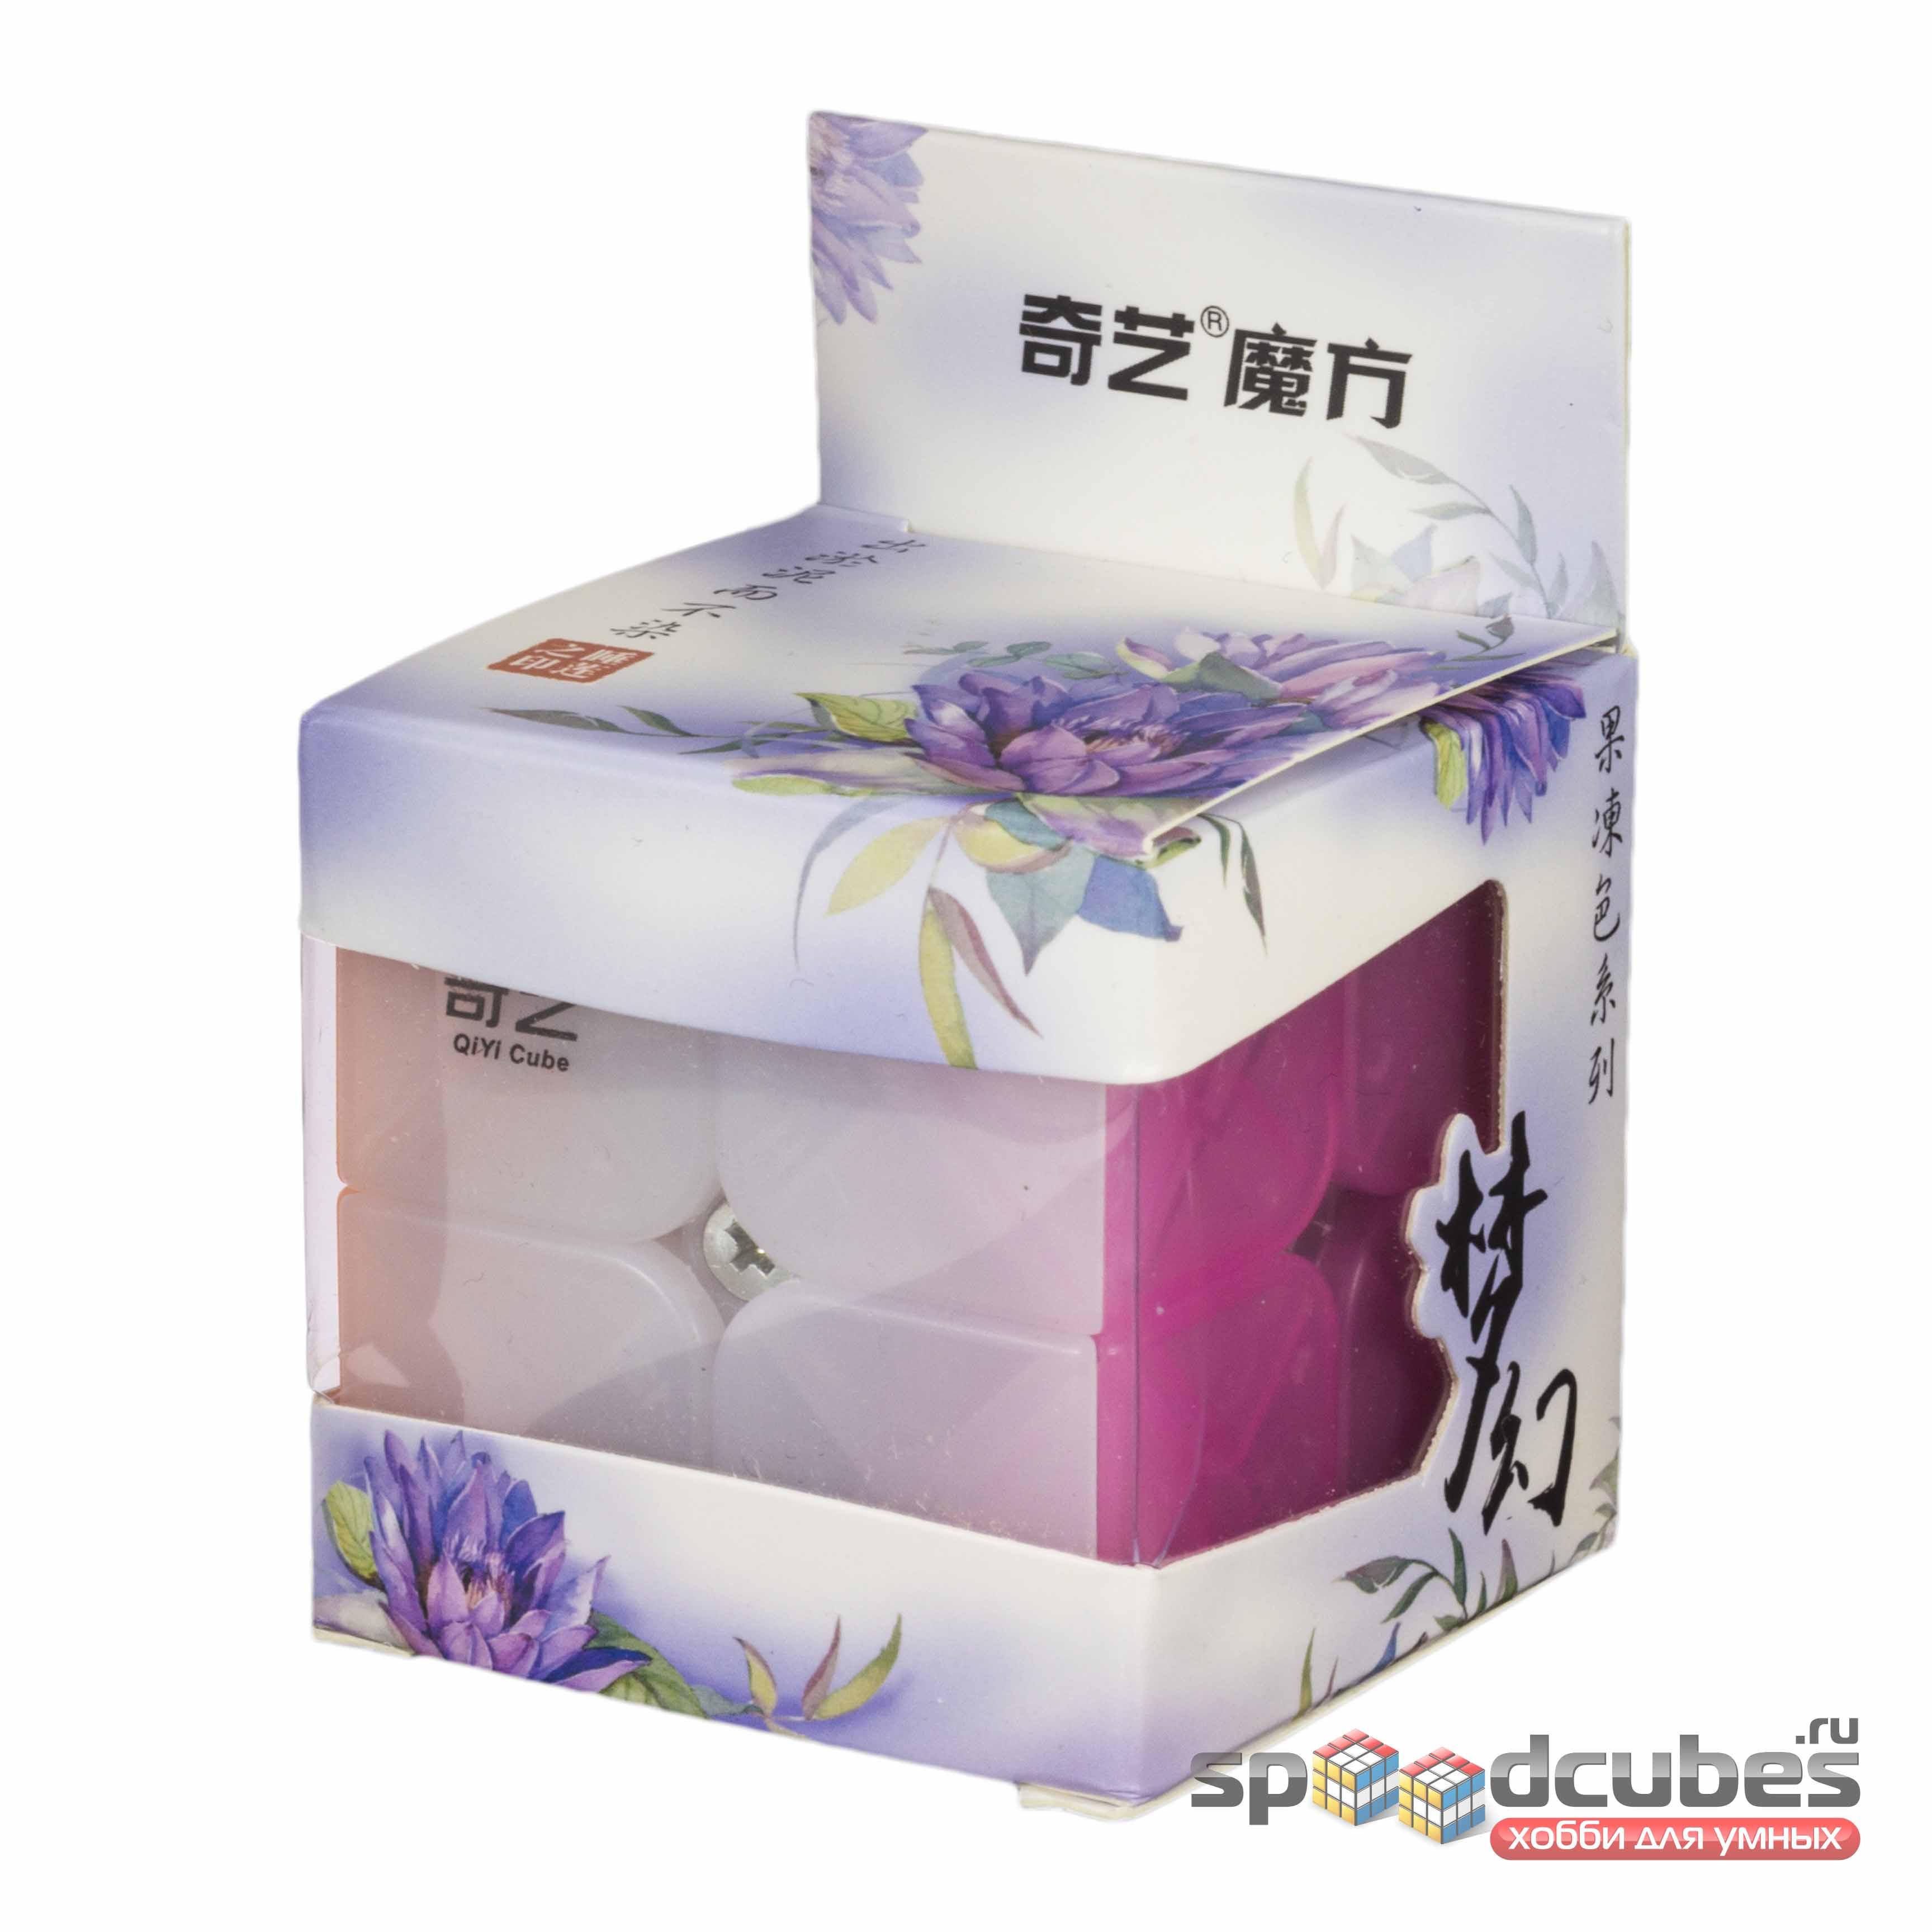 QiYi (MoFangGe) 2x2x2 Jelly Cube 1